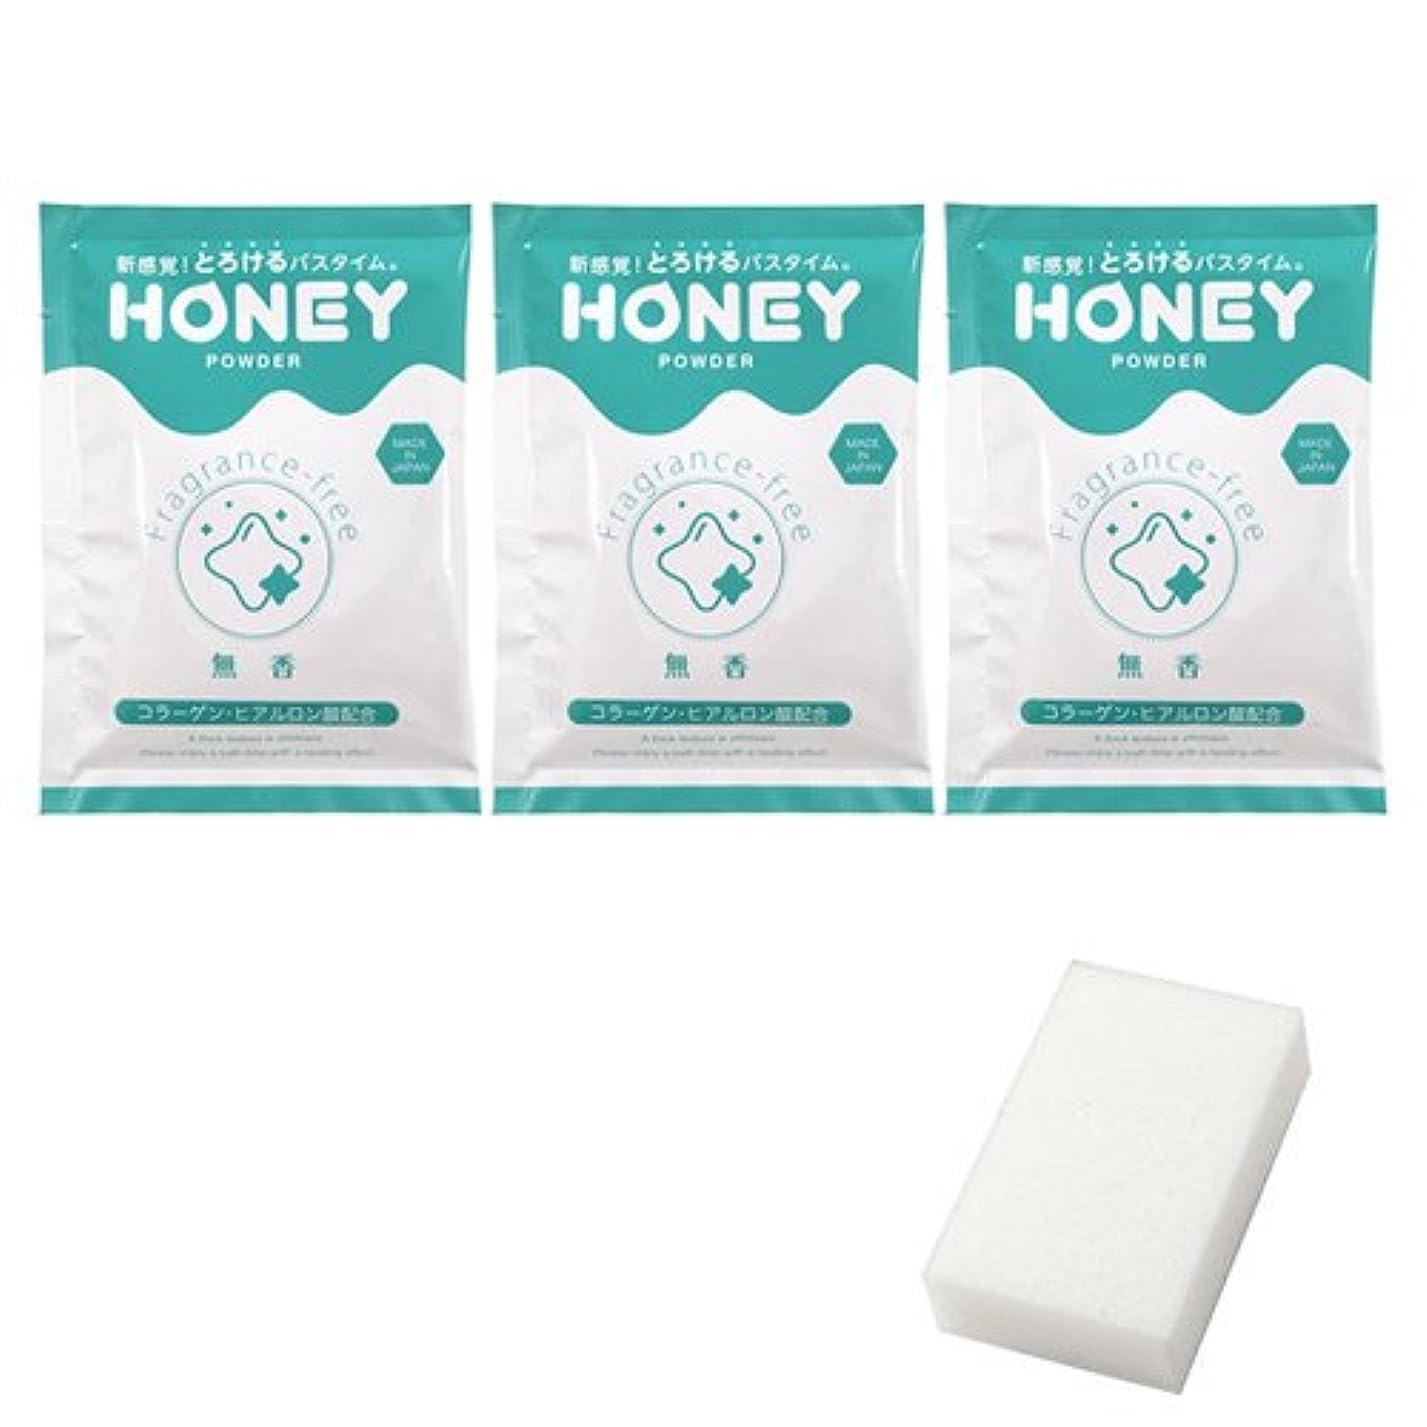 傾いた狂う交通渋滞とろとろ入浴剤【honey powder】(ハニーパウダー) 無香タイプ 3個セット + 圧縮スポンジセット